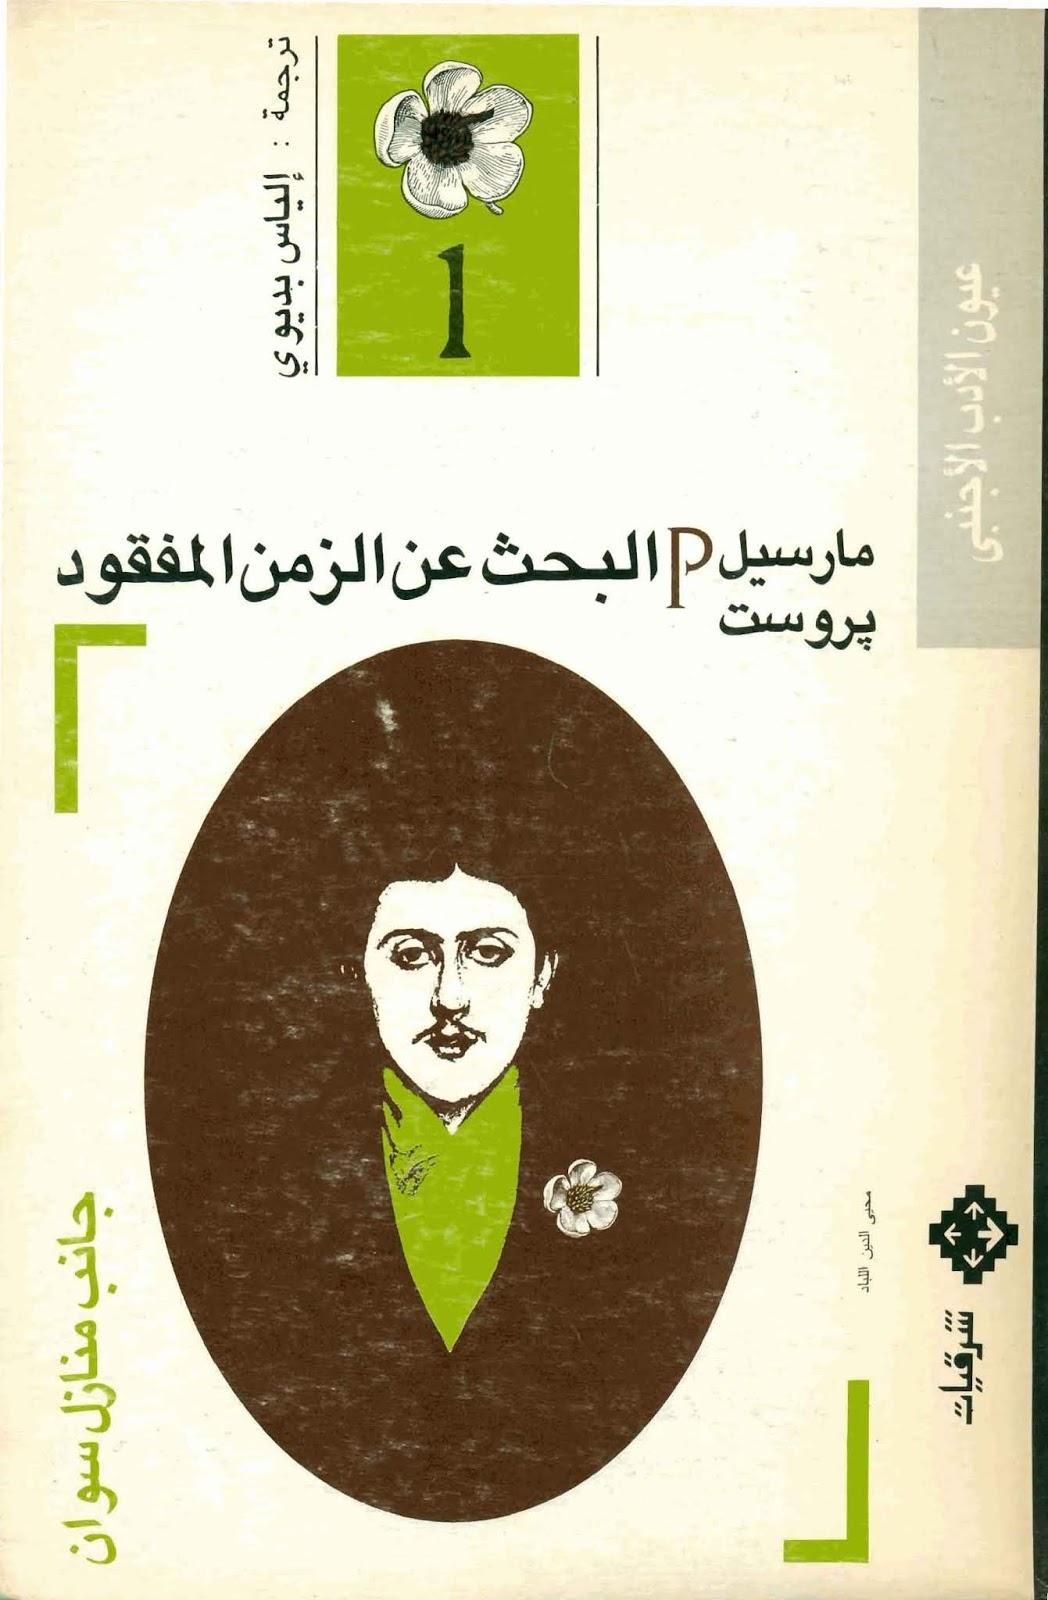 Photo of تحميل كتاب البحث عن الزمن المفقود مارسيل بروست PDF